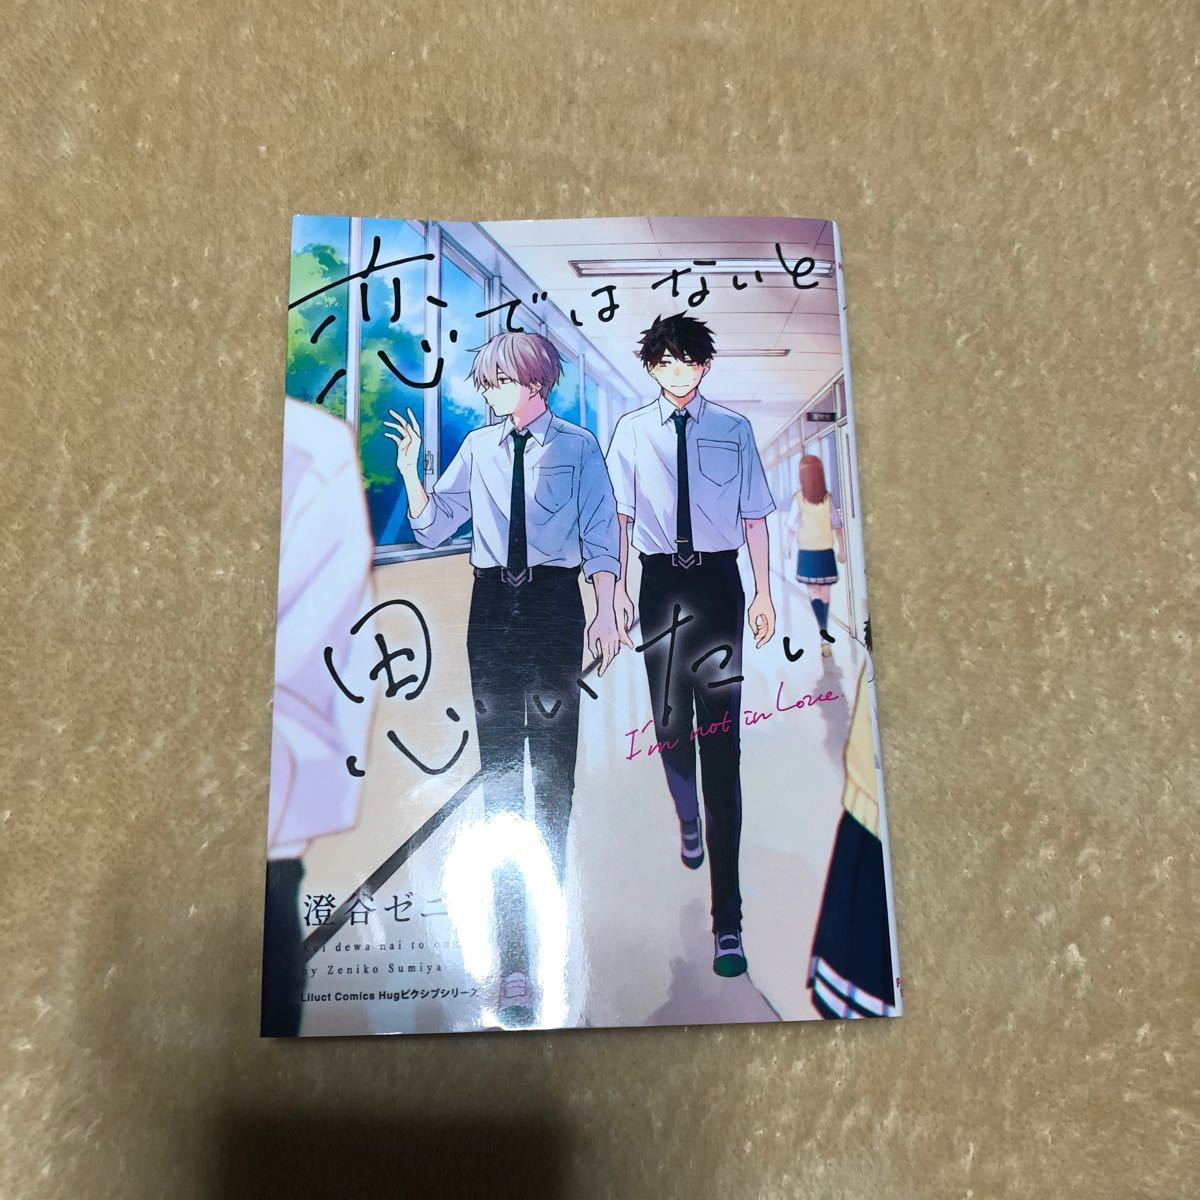 BLコミック BL漫画 恋ではないと思いたい 澄谷ゼニコ